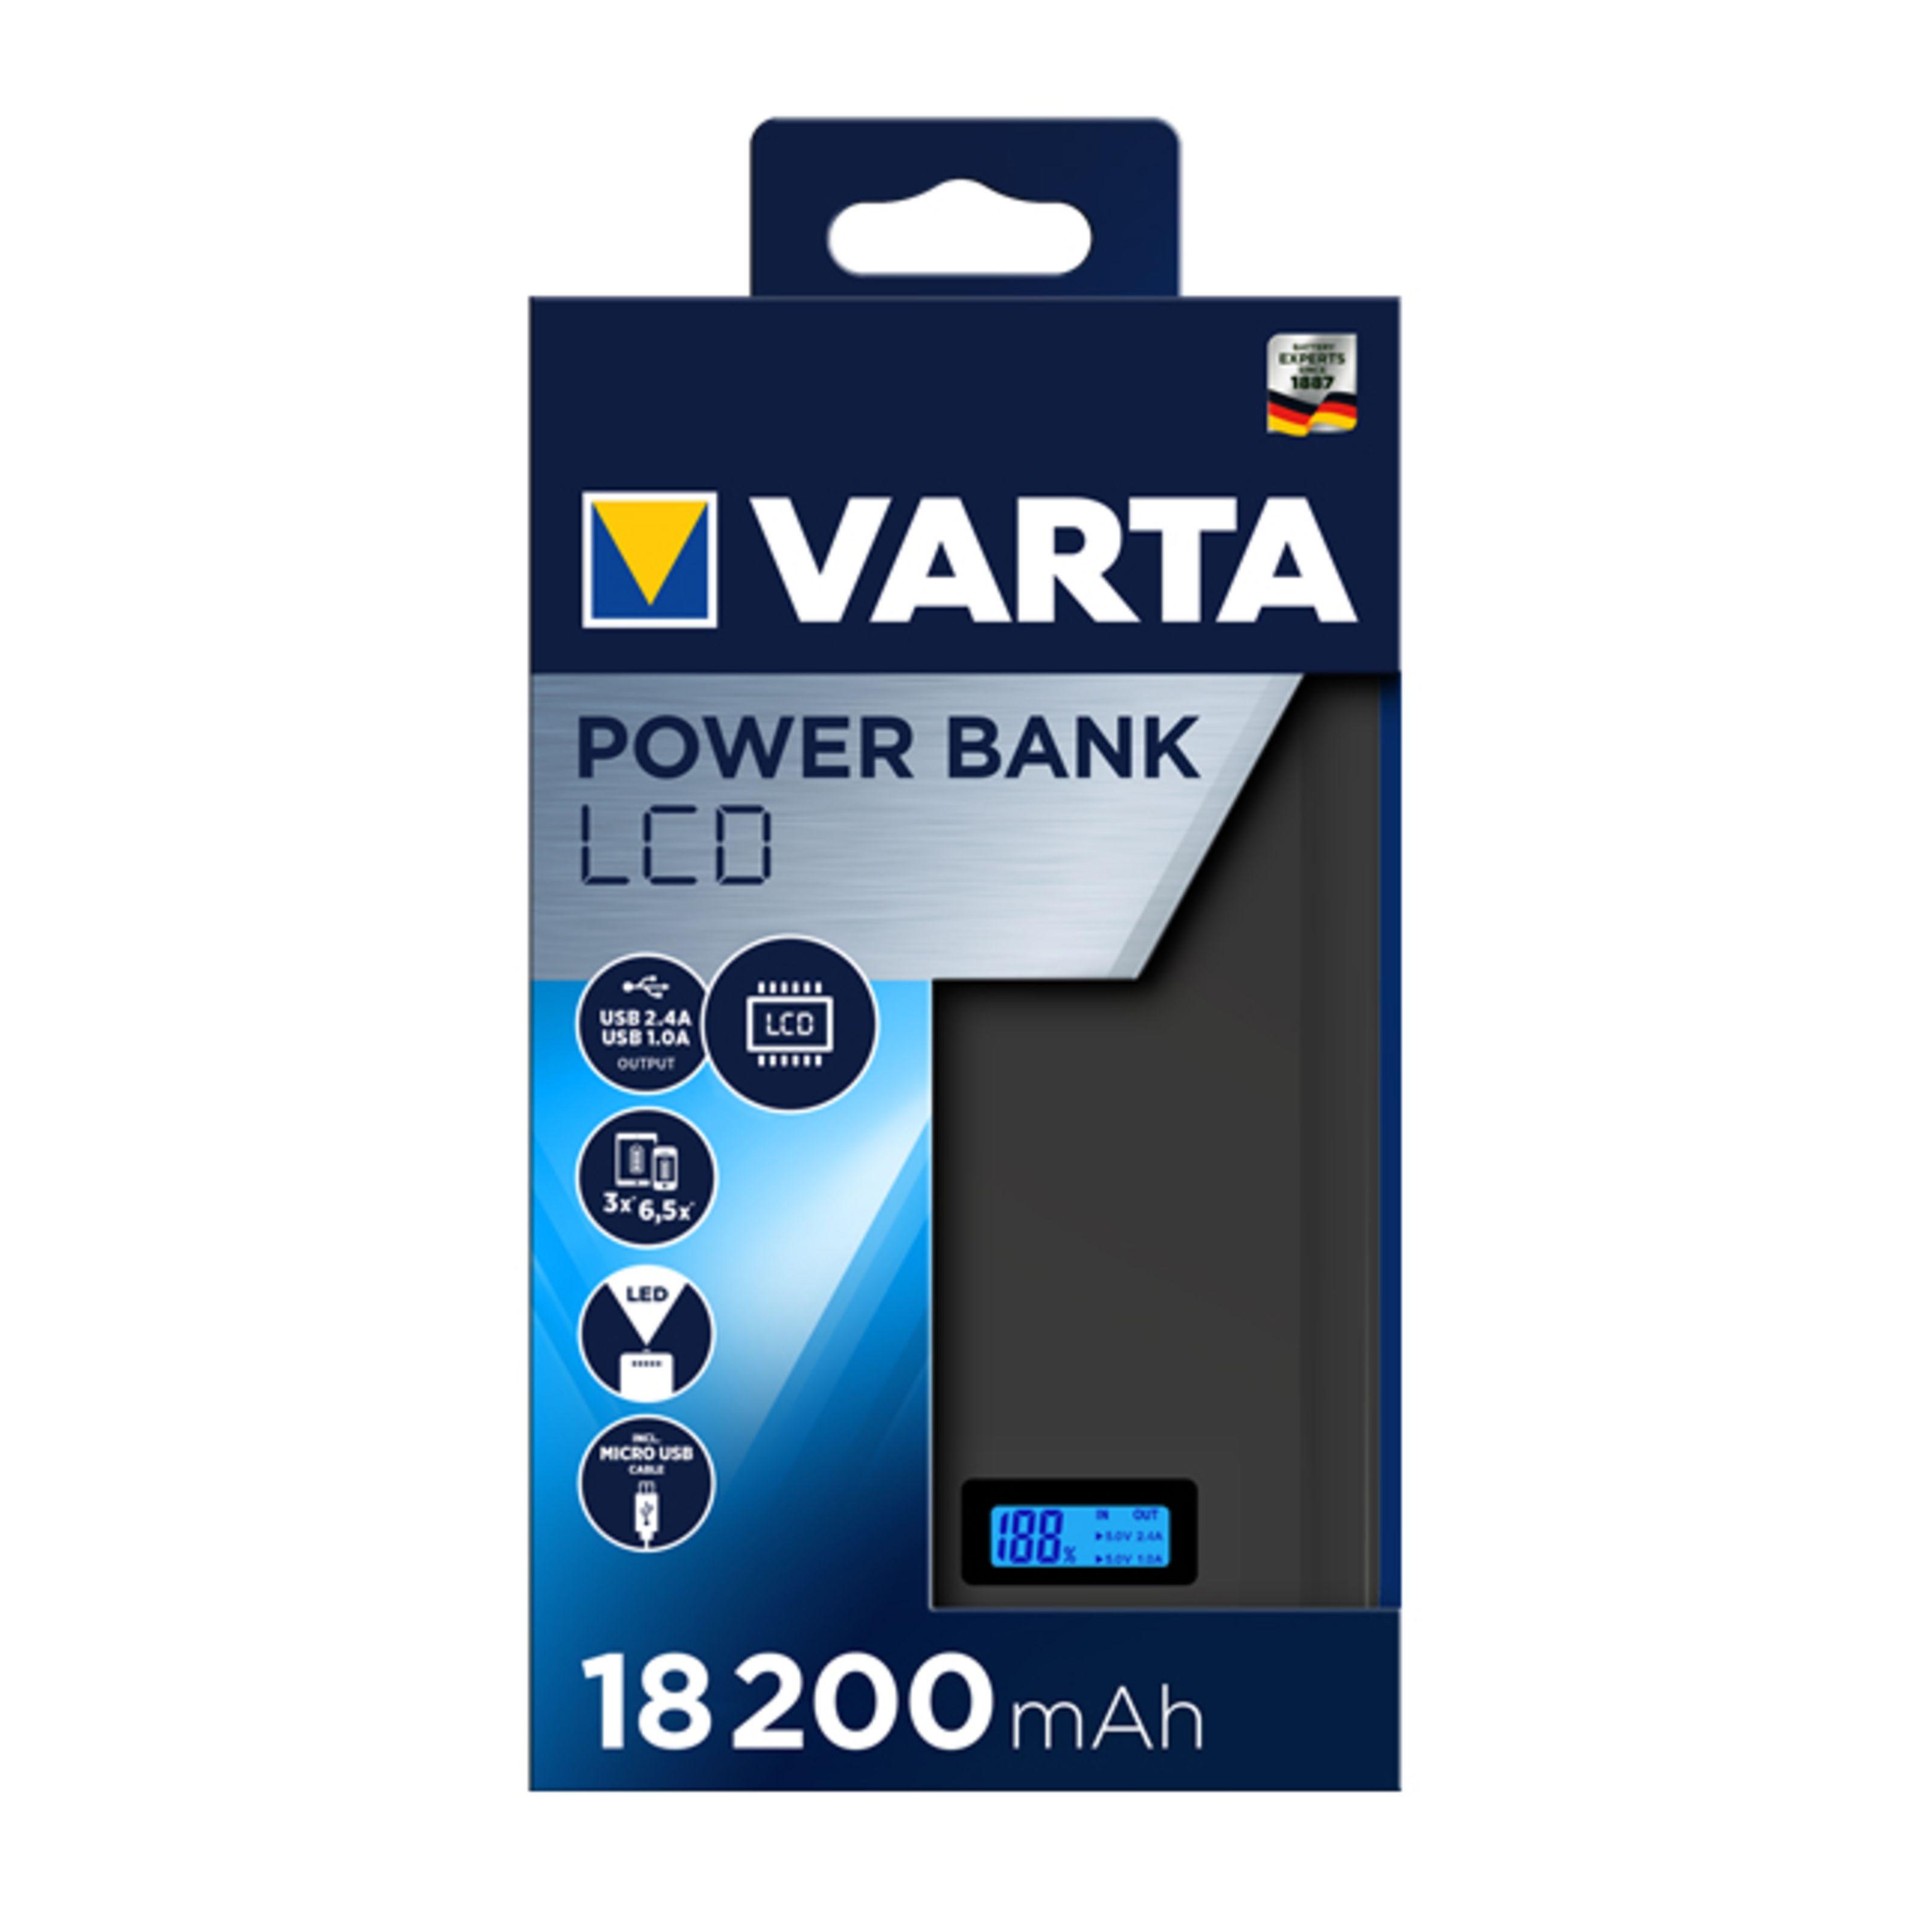 VARTA - LCD Powerbank 18200mAh 119642